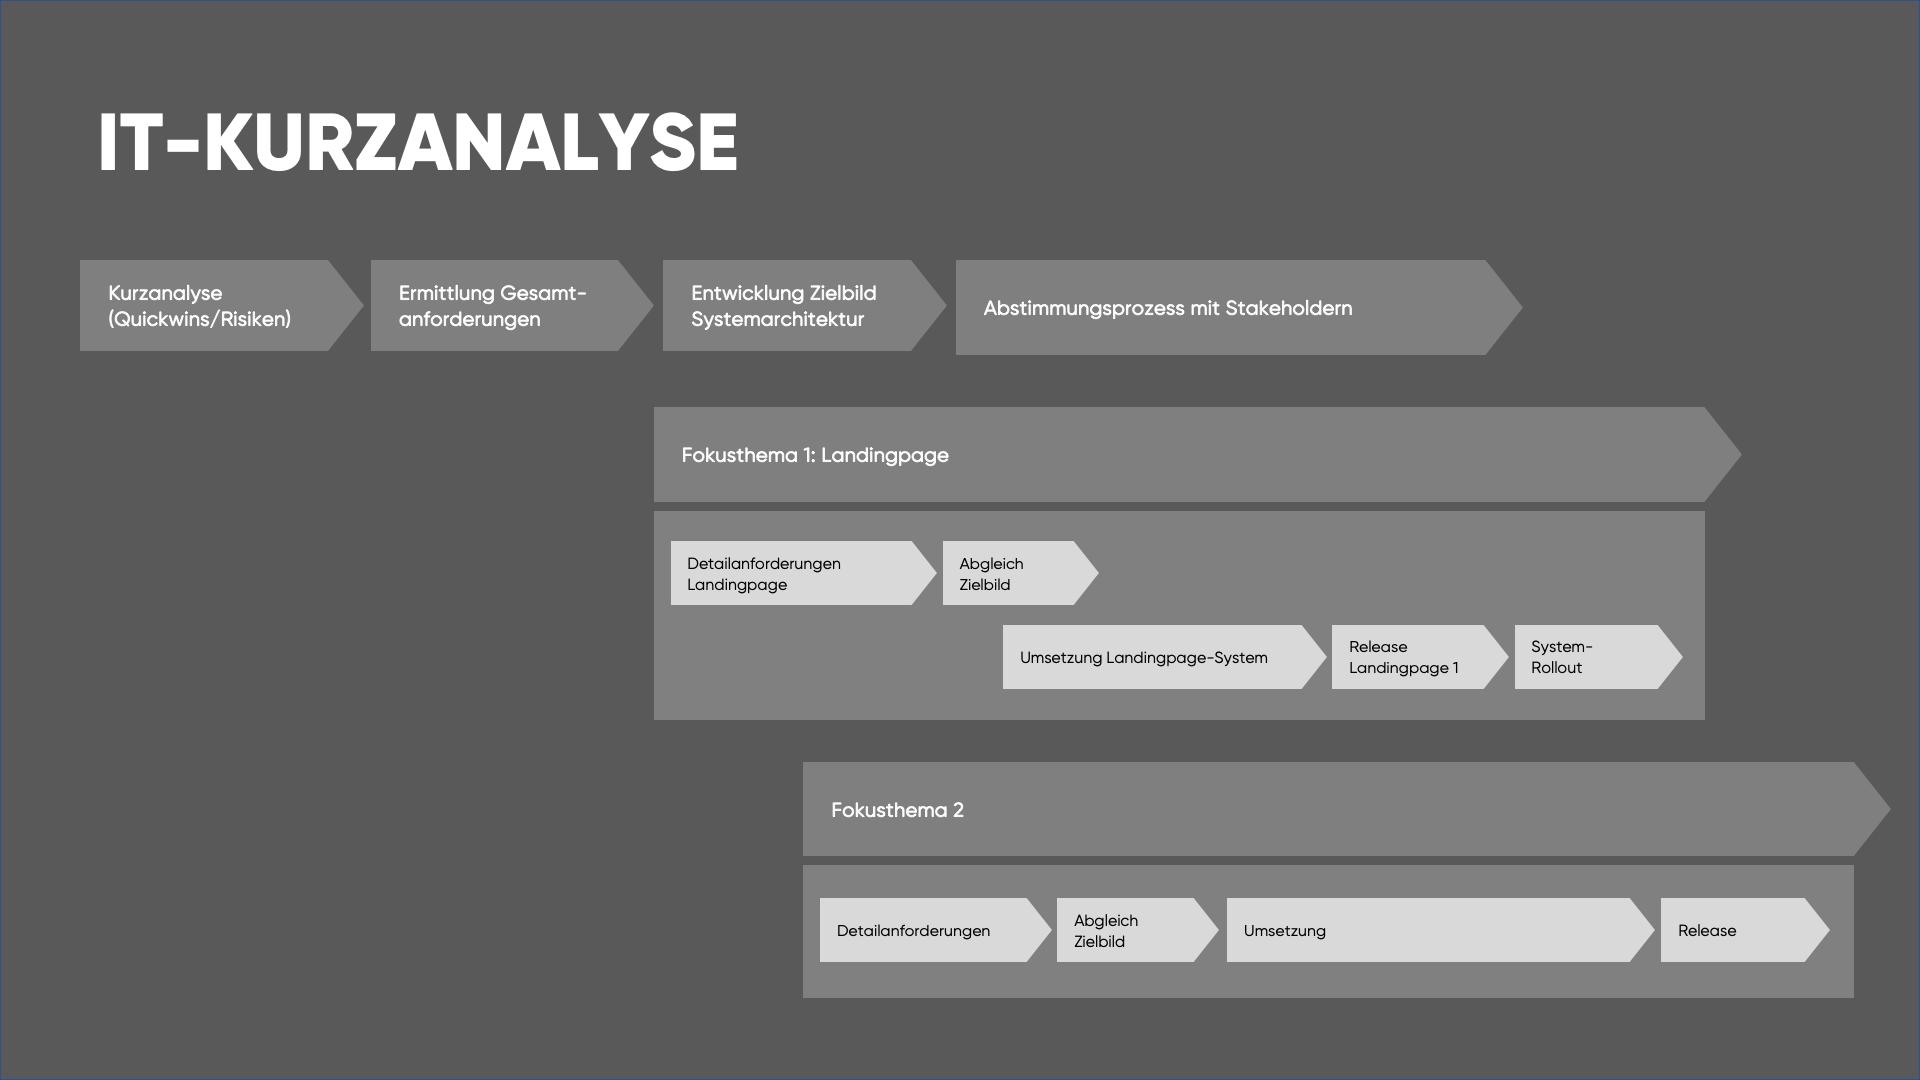 IT-Kurzanalyse